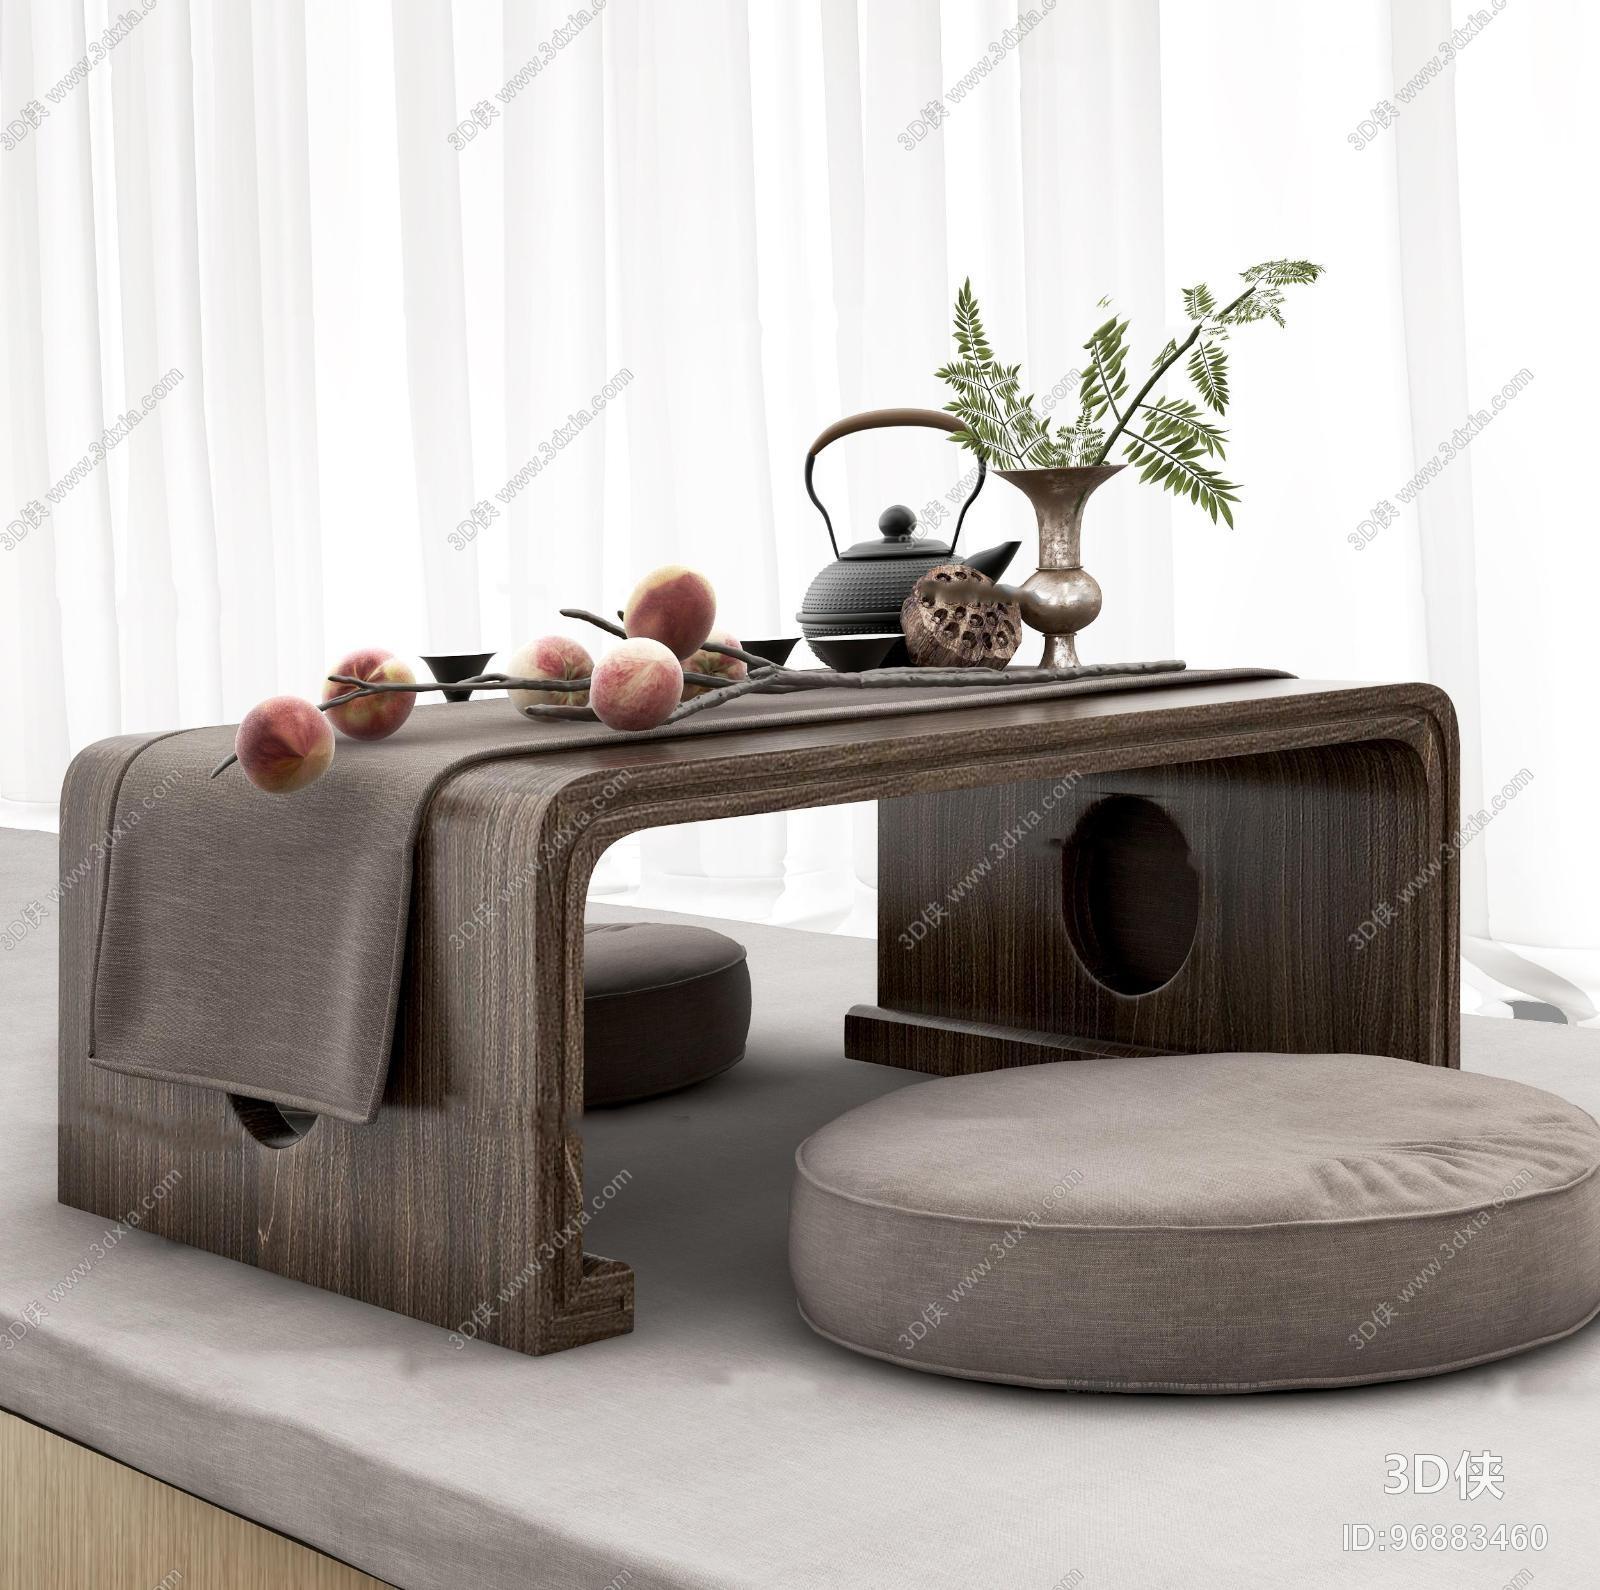 中式茶台坐垫茶具桃子窗帘组合3D模型